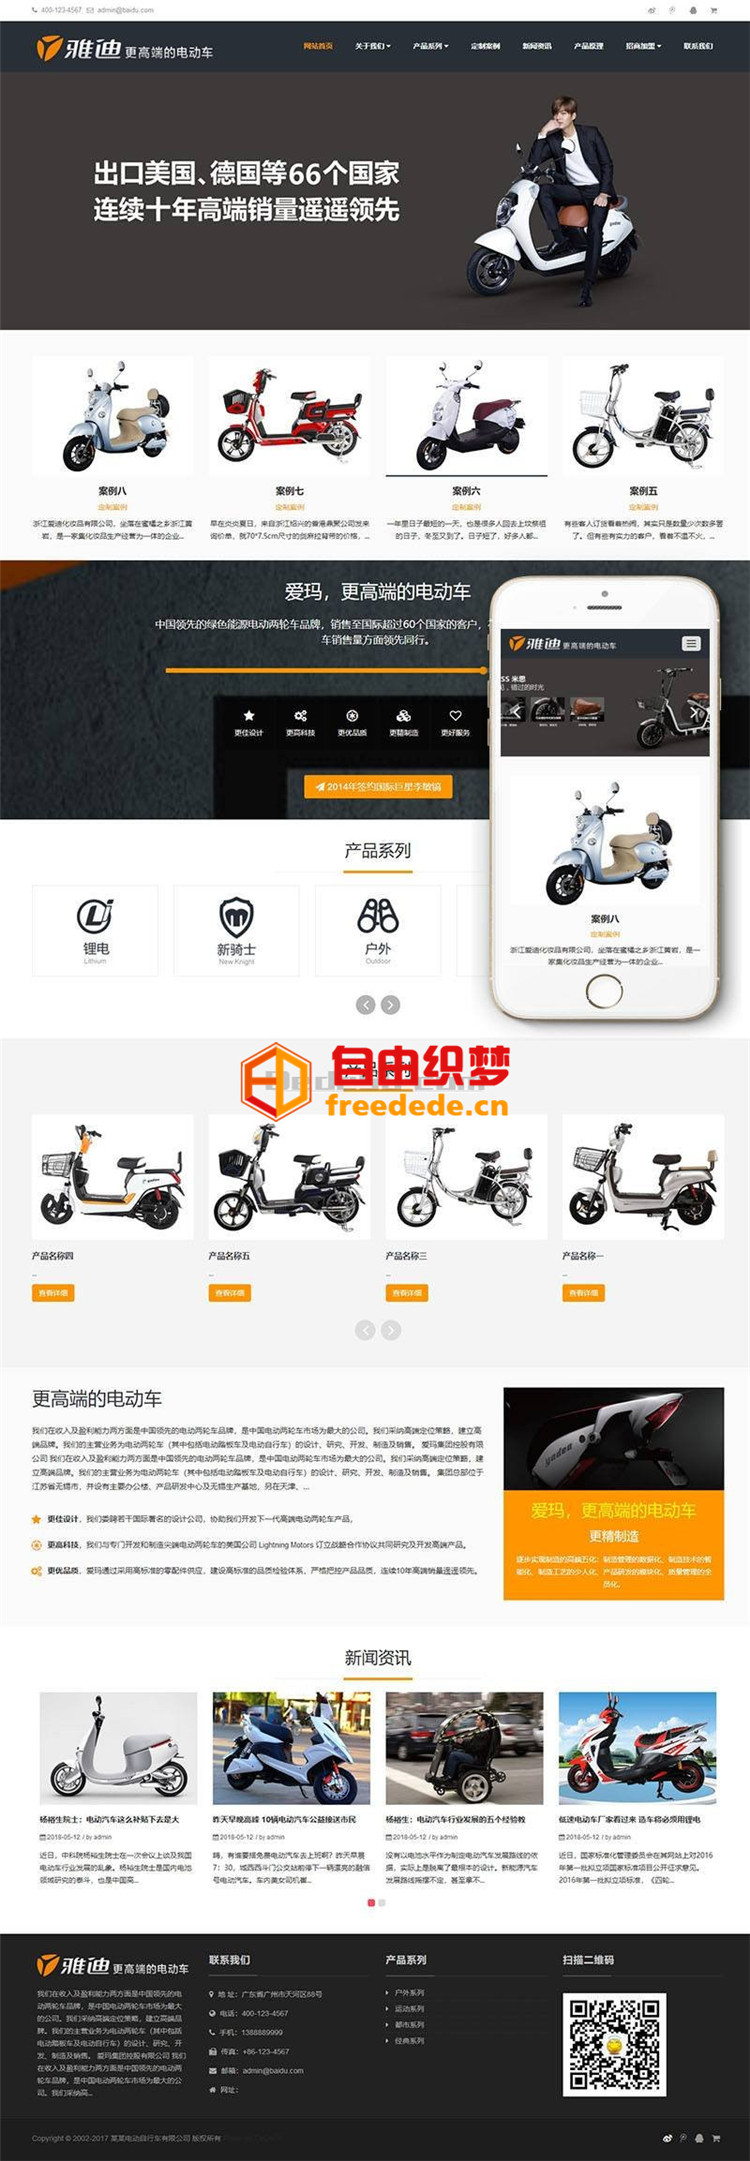 爱上源码网文章响应式电动自行车踏板车类网站织梦模板(自适应手机端)营销型网站模板的内容插图